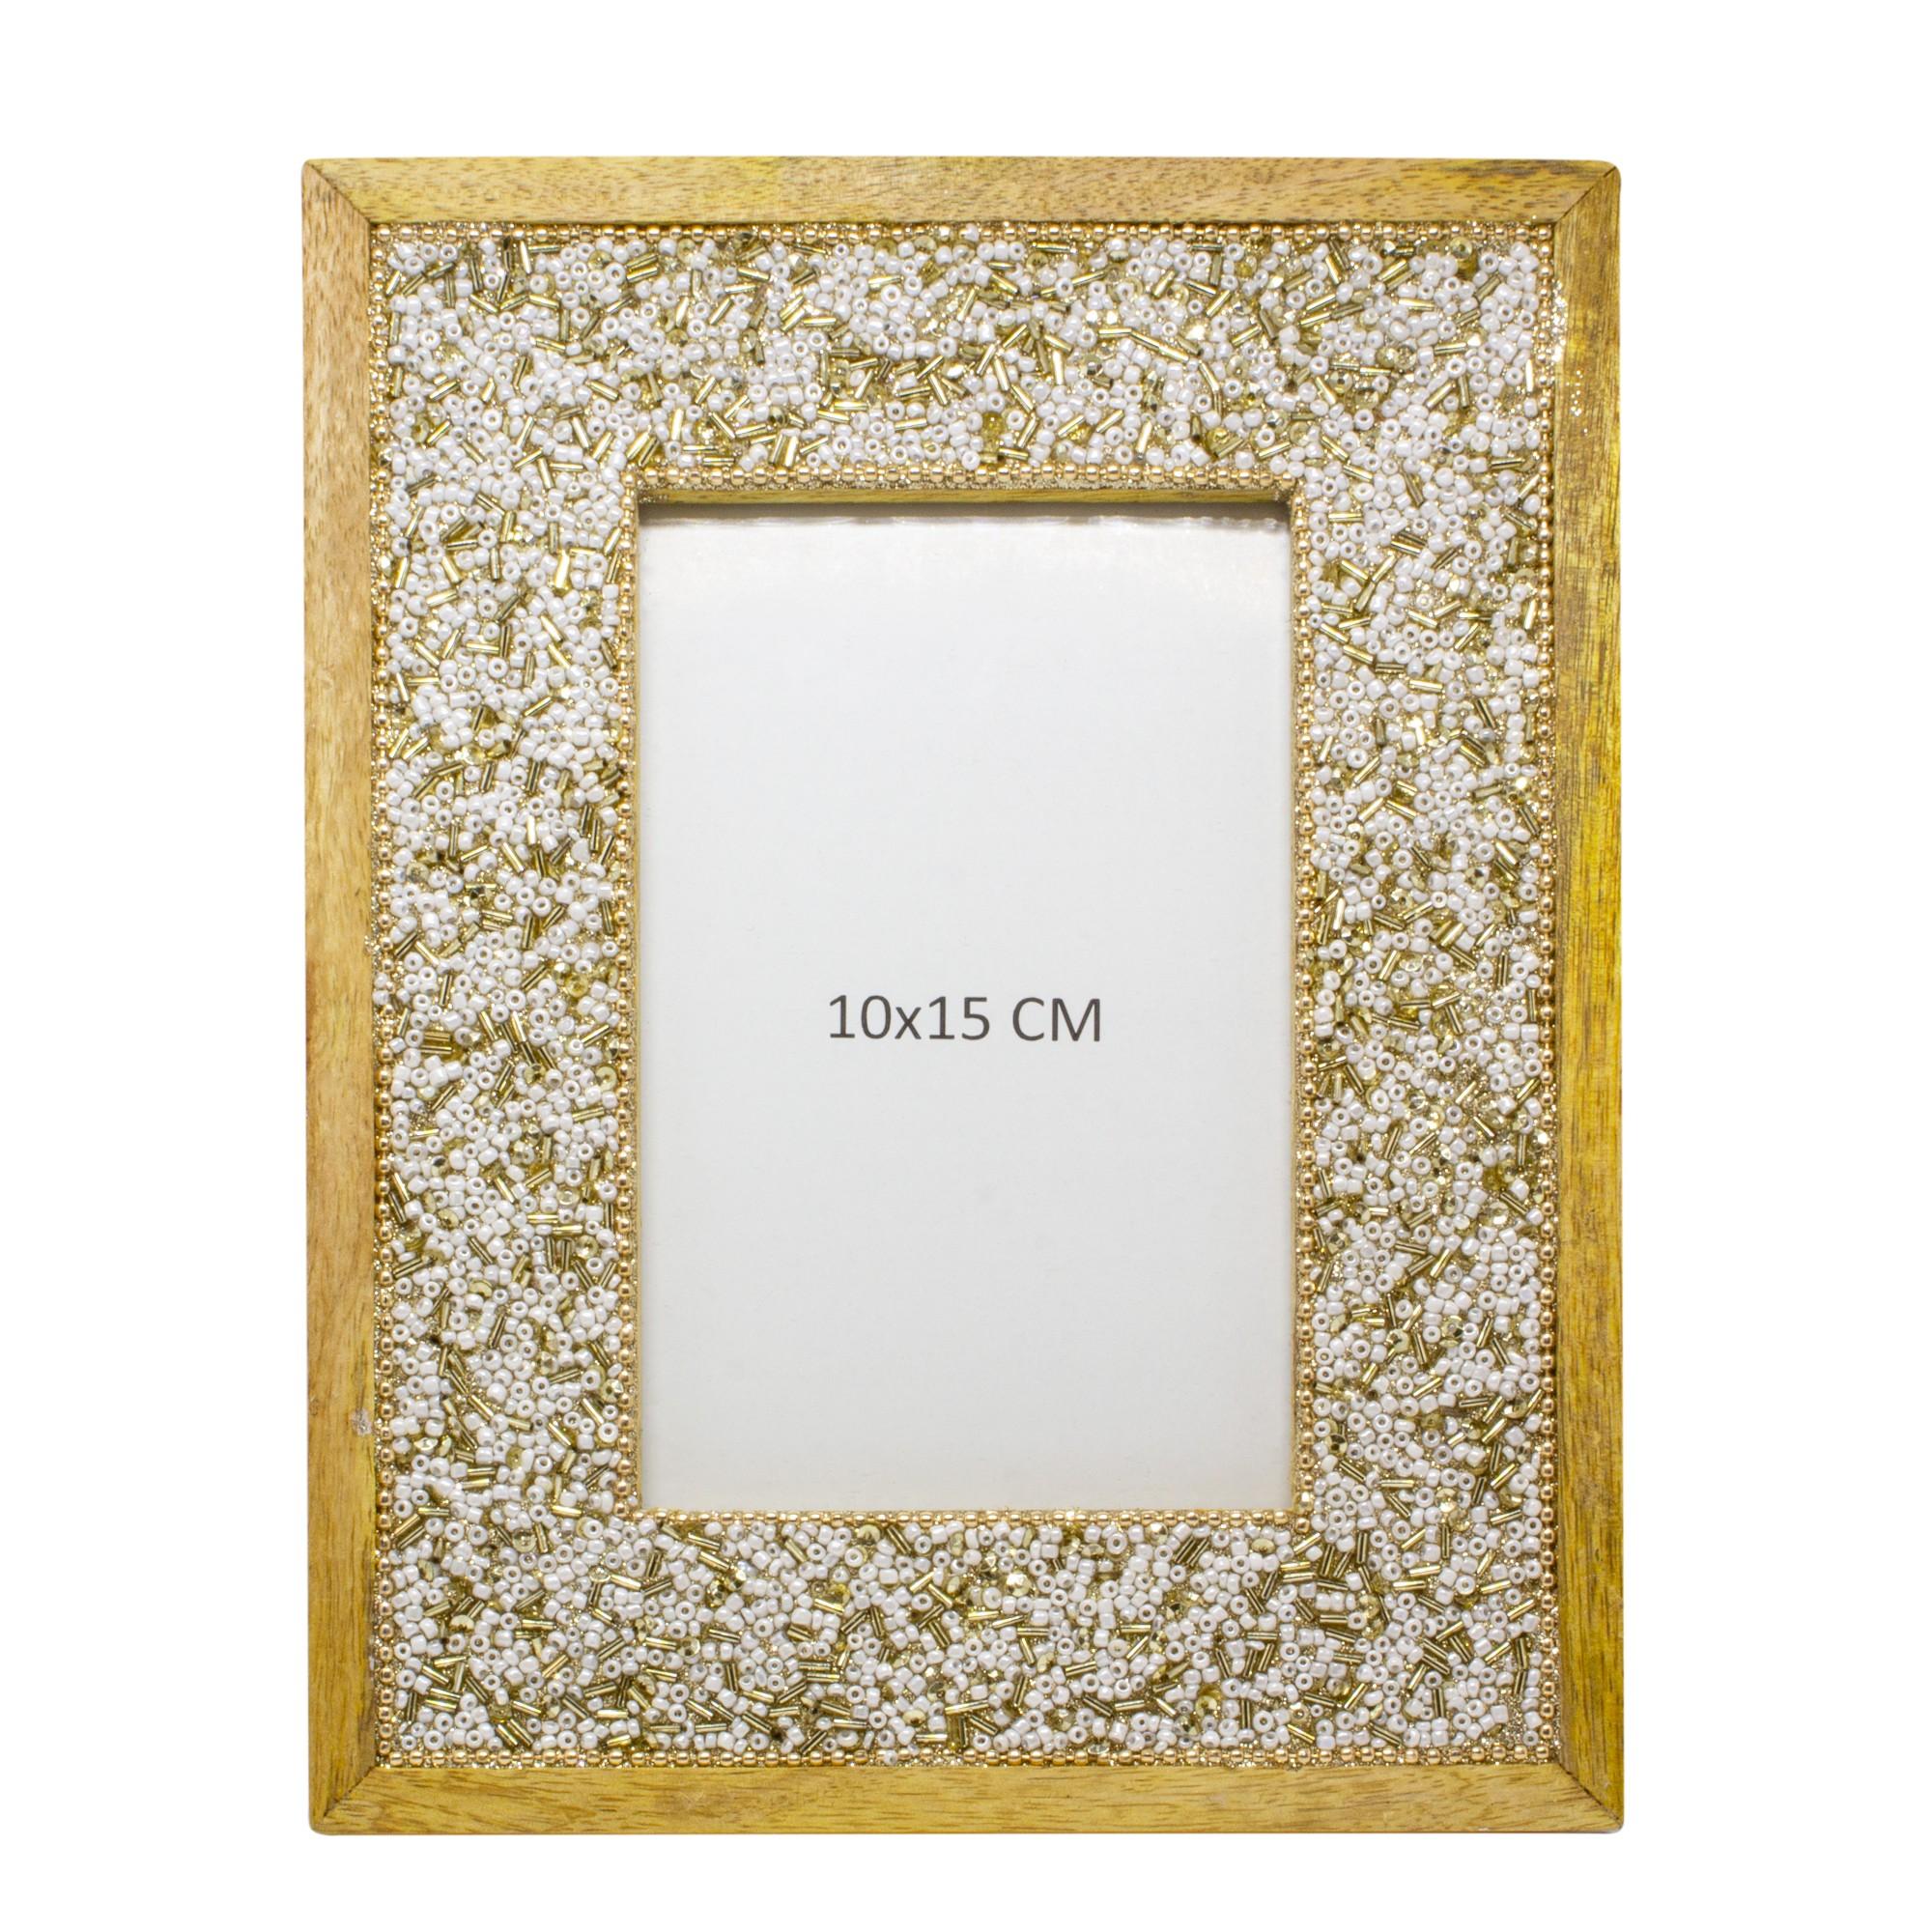 Porta-Retrato Unifoto 10x15cm de Madeira Dourado - Jolie